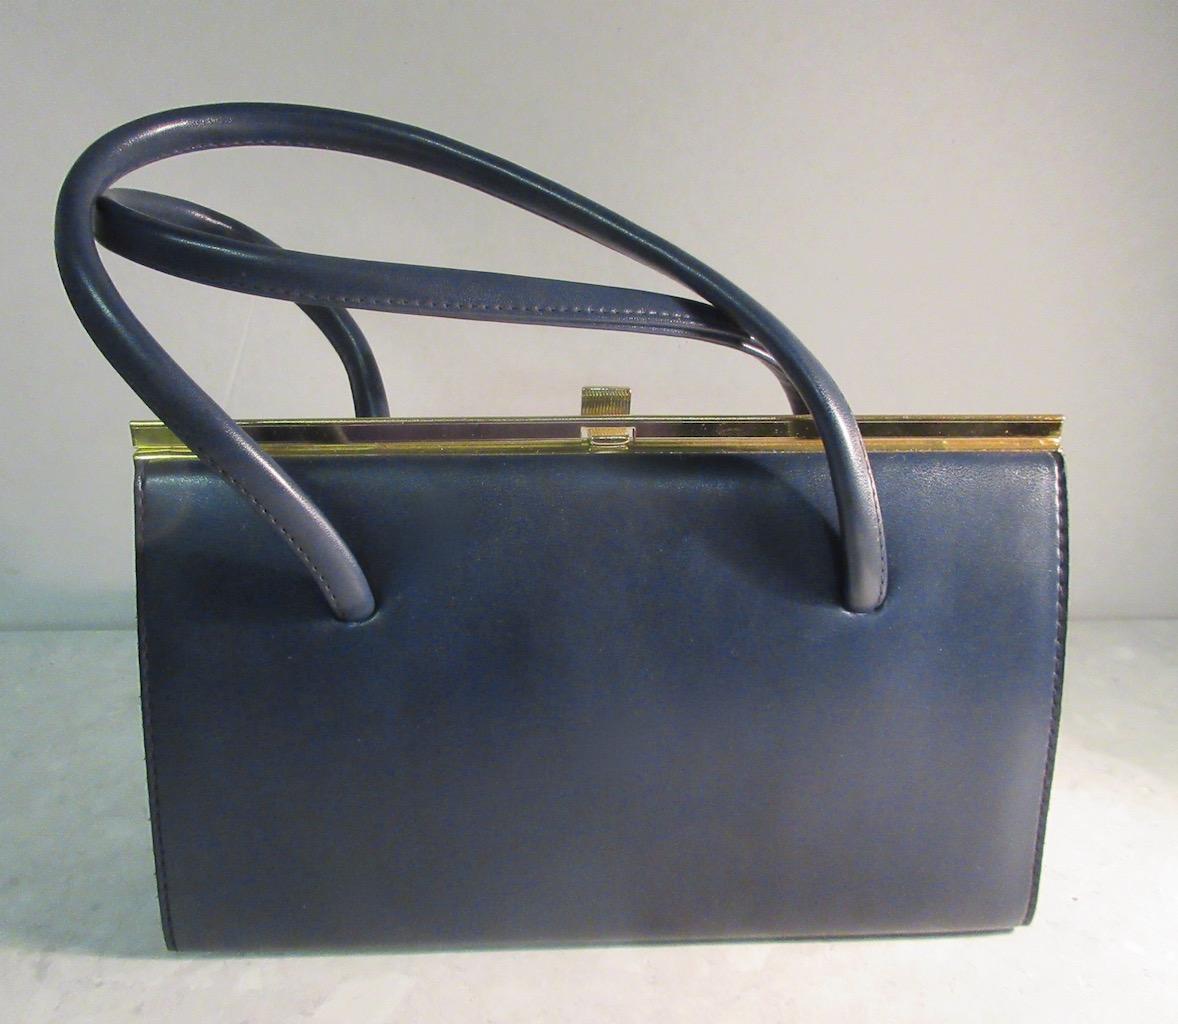 1950s kelly style handbag